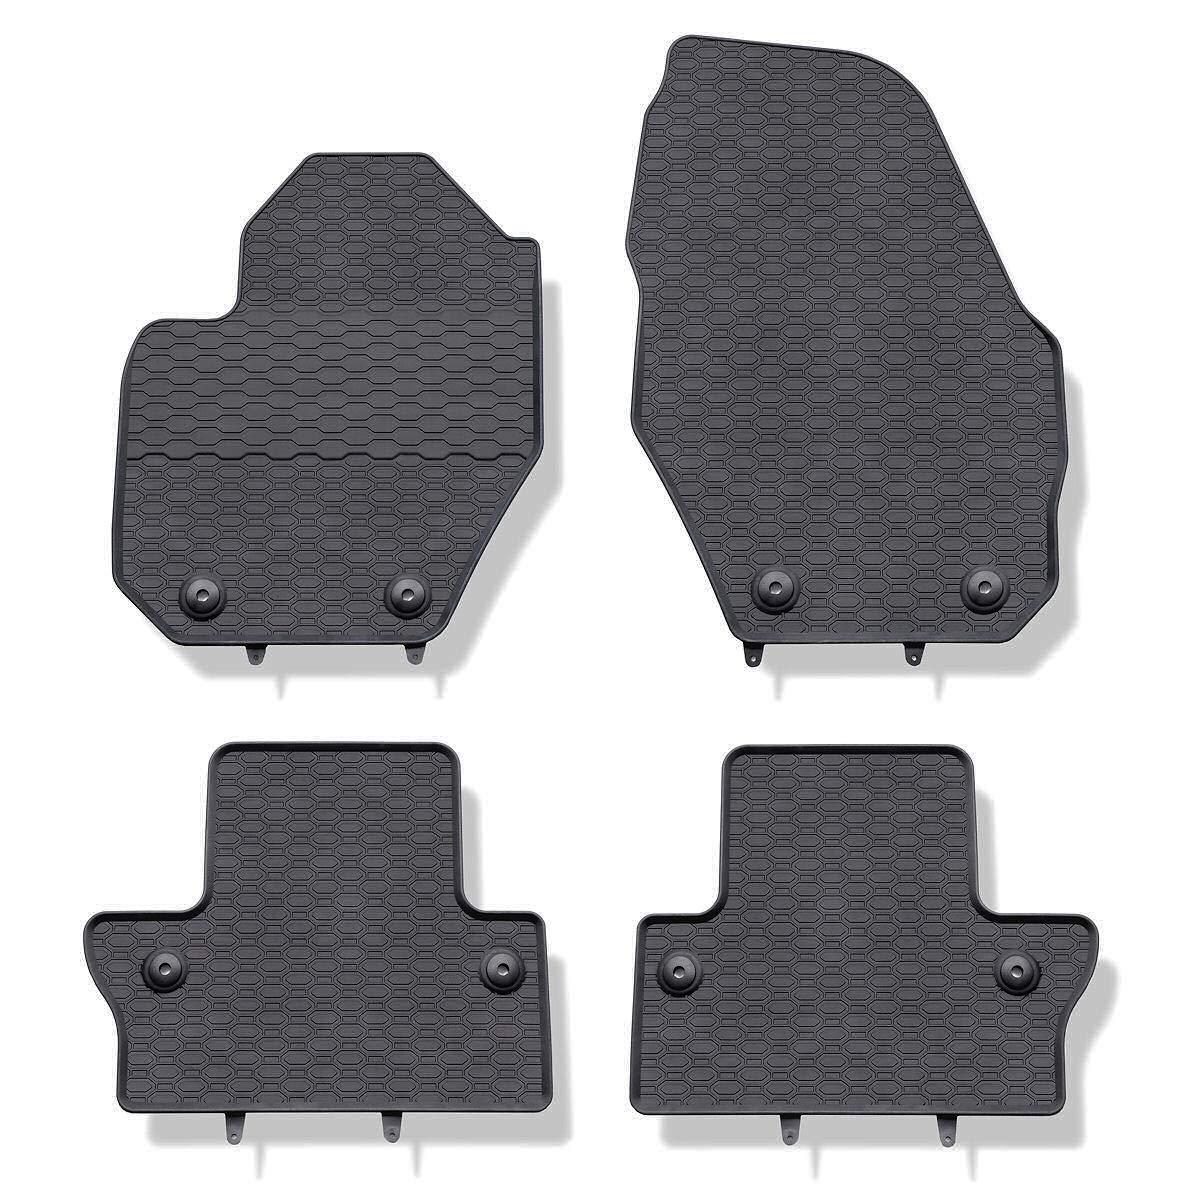 5902538449243 Alfombrillas de goma negro un ajuste perfecto 4-piezas